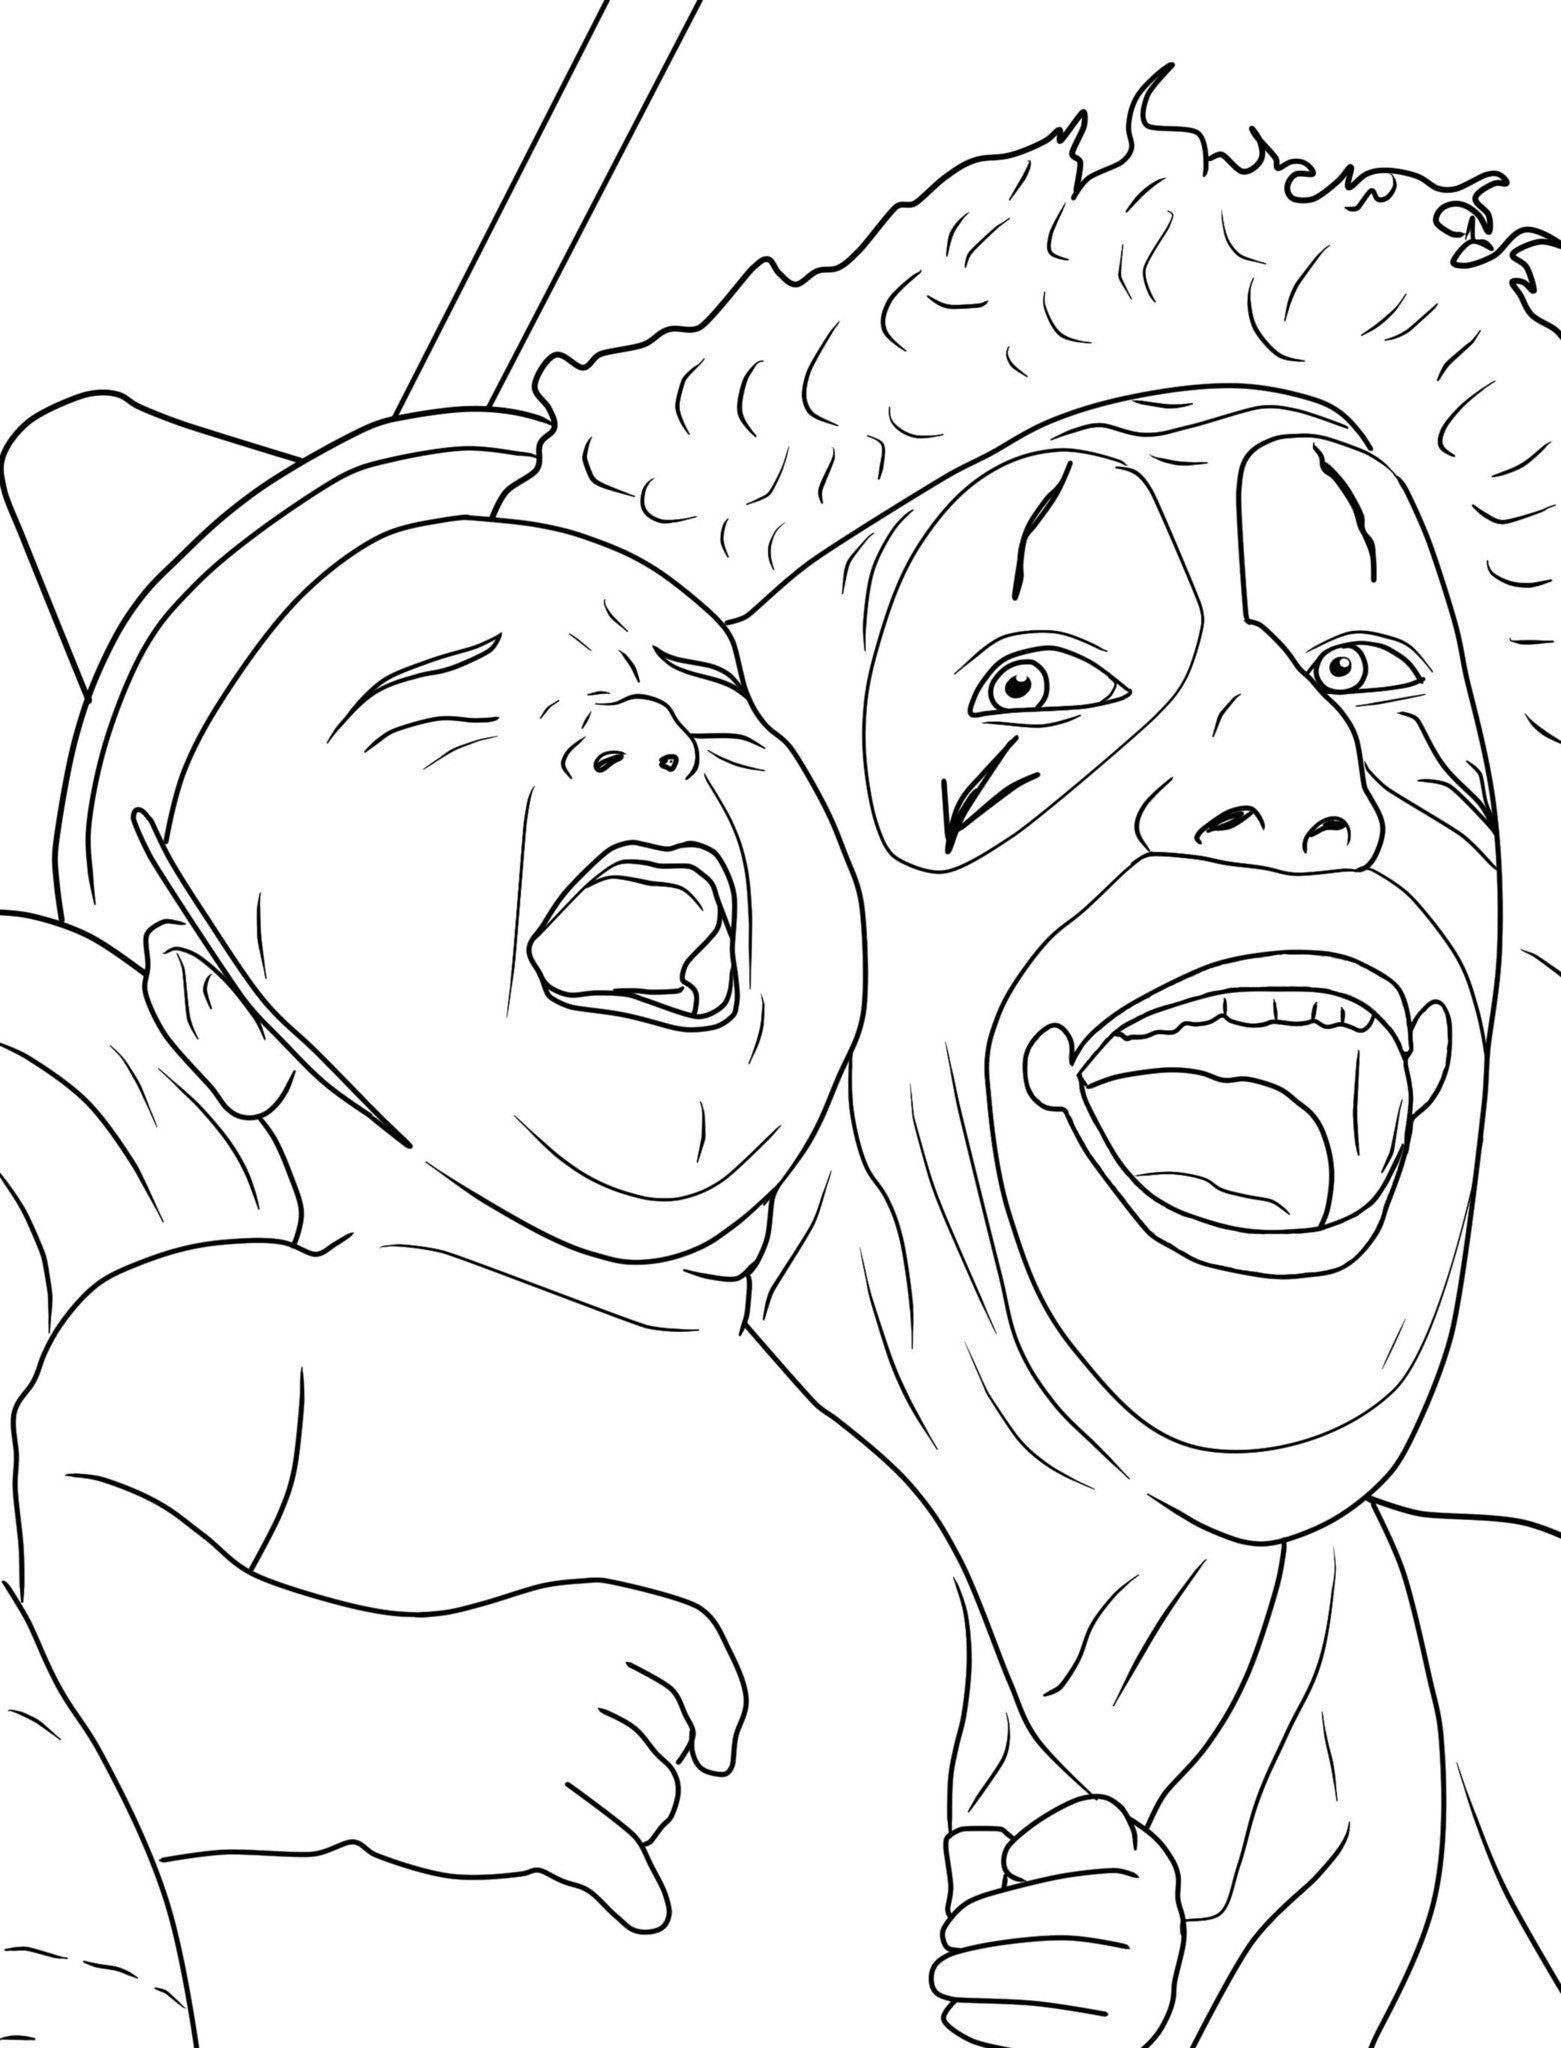 Unique Clown Coloring Pages Coloring Coloringpages Coloringpagesforkids Coloringpagesforadult Coloring Books Cute Coloring Pages Coloring Pages